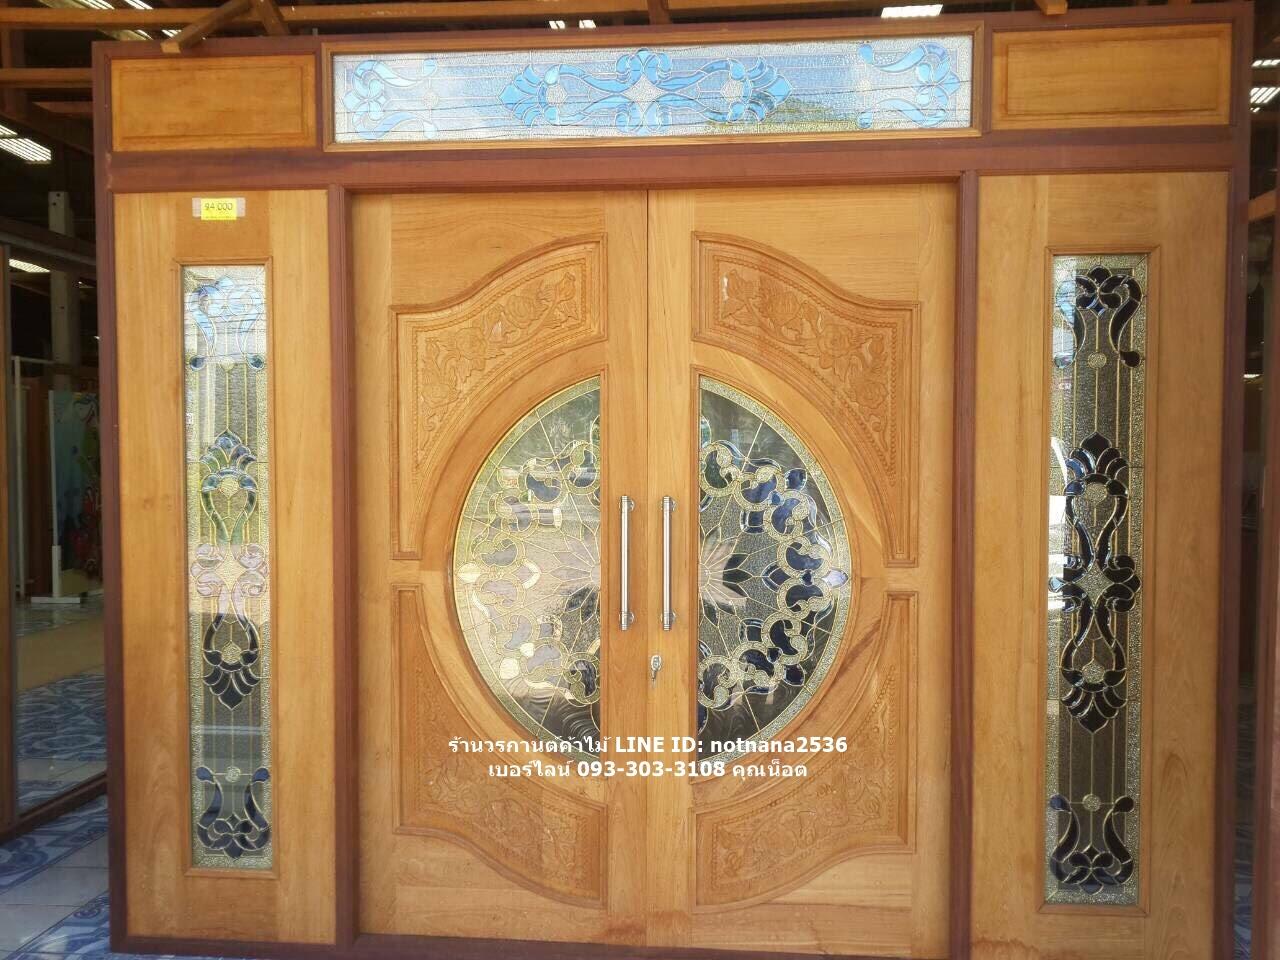 ประตูไม้สักกระจกนิรภัยเกรดA ชุด7ชิ้น รหัสNOT15